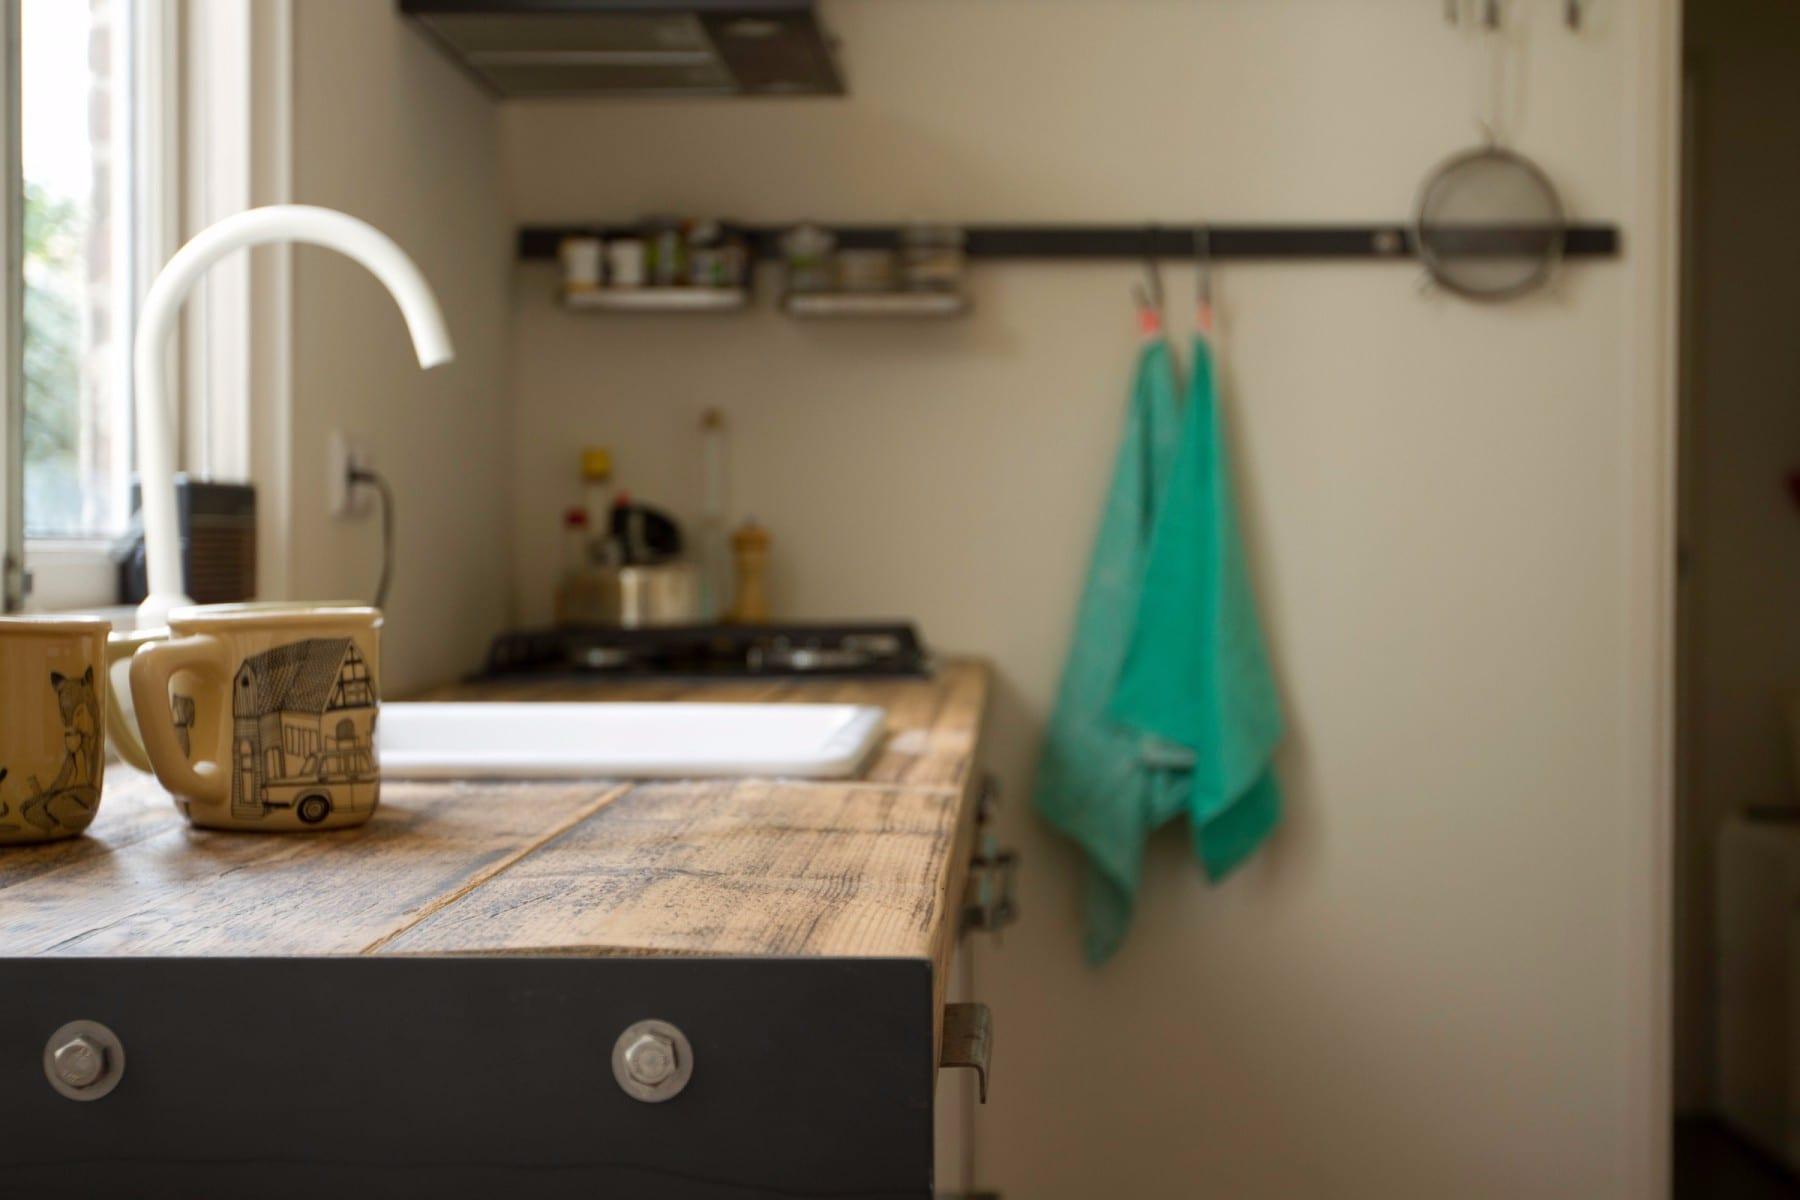 Keuken Op Maat Maken : keuken wij ontwerpen en maken industri?le keukens op maat